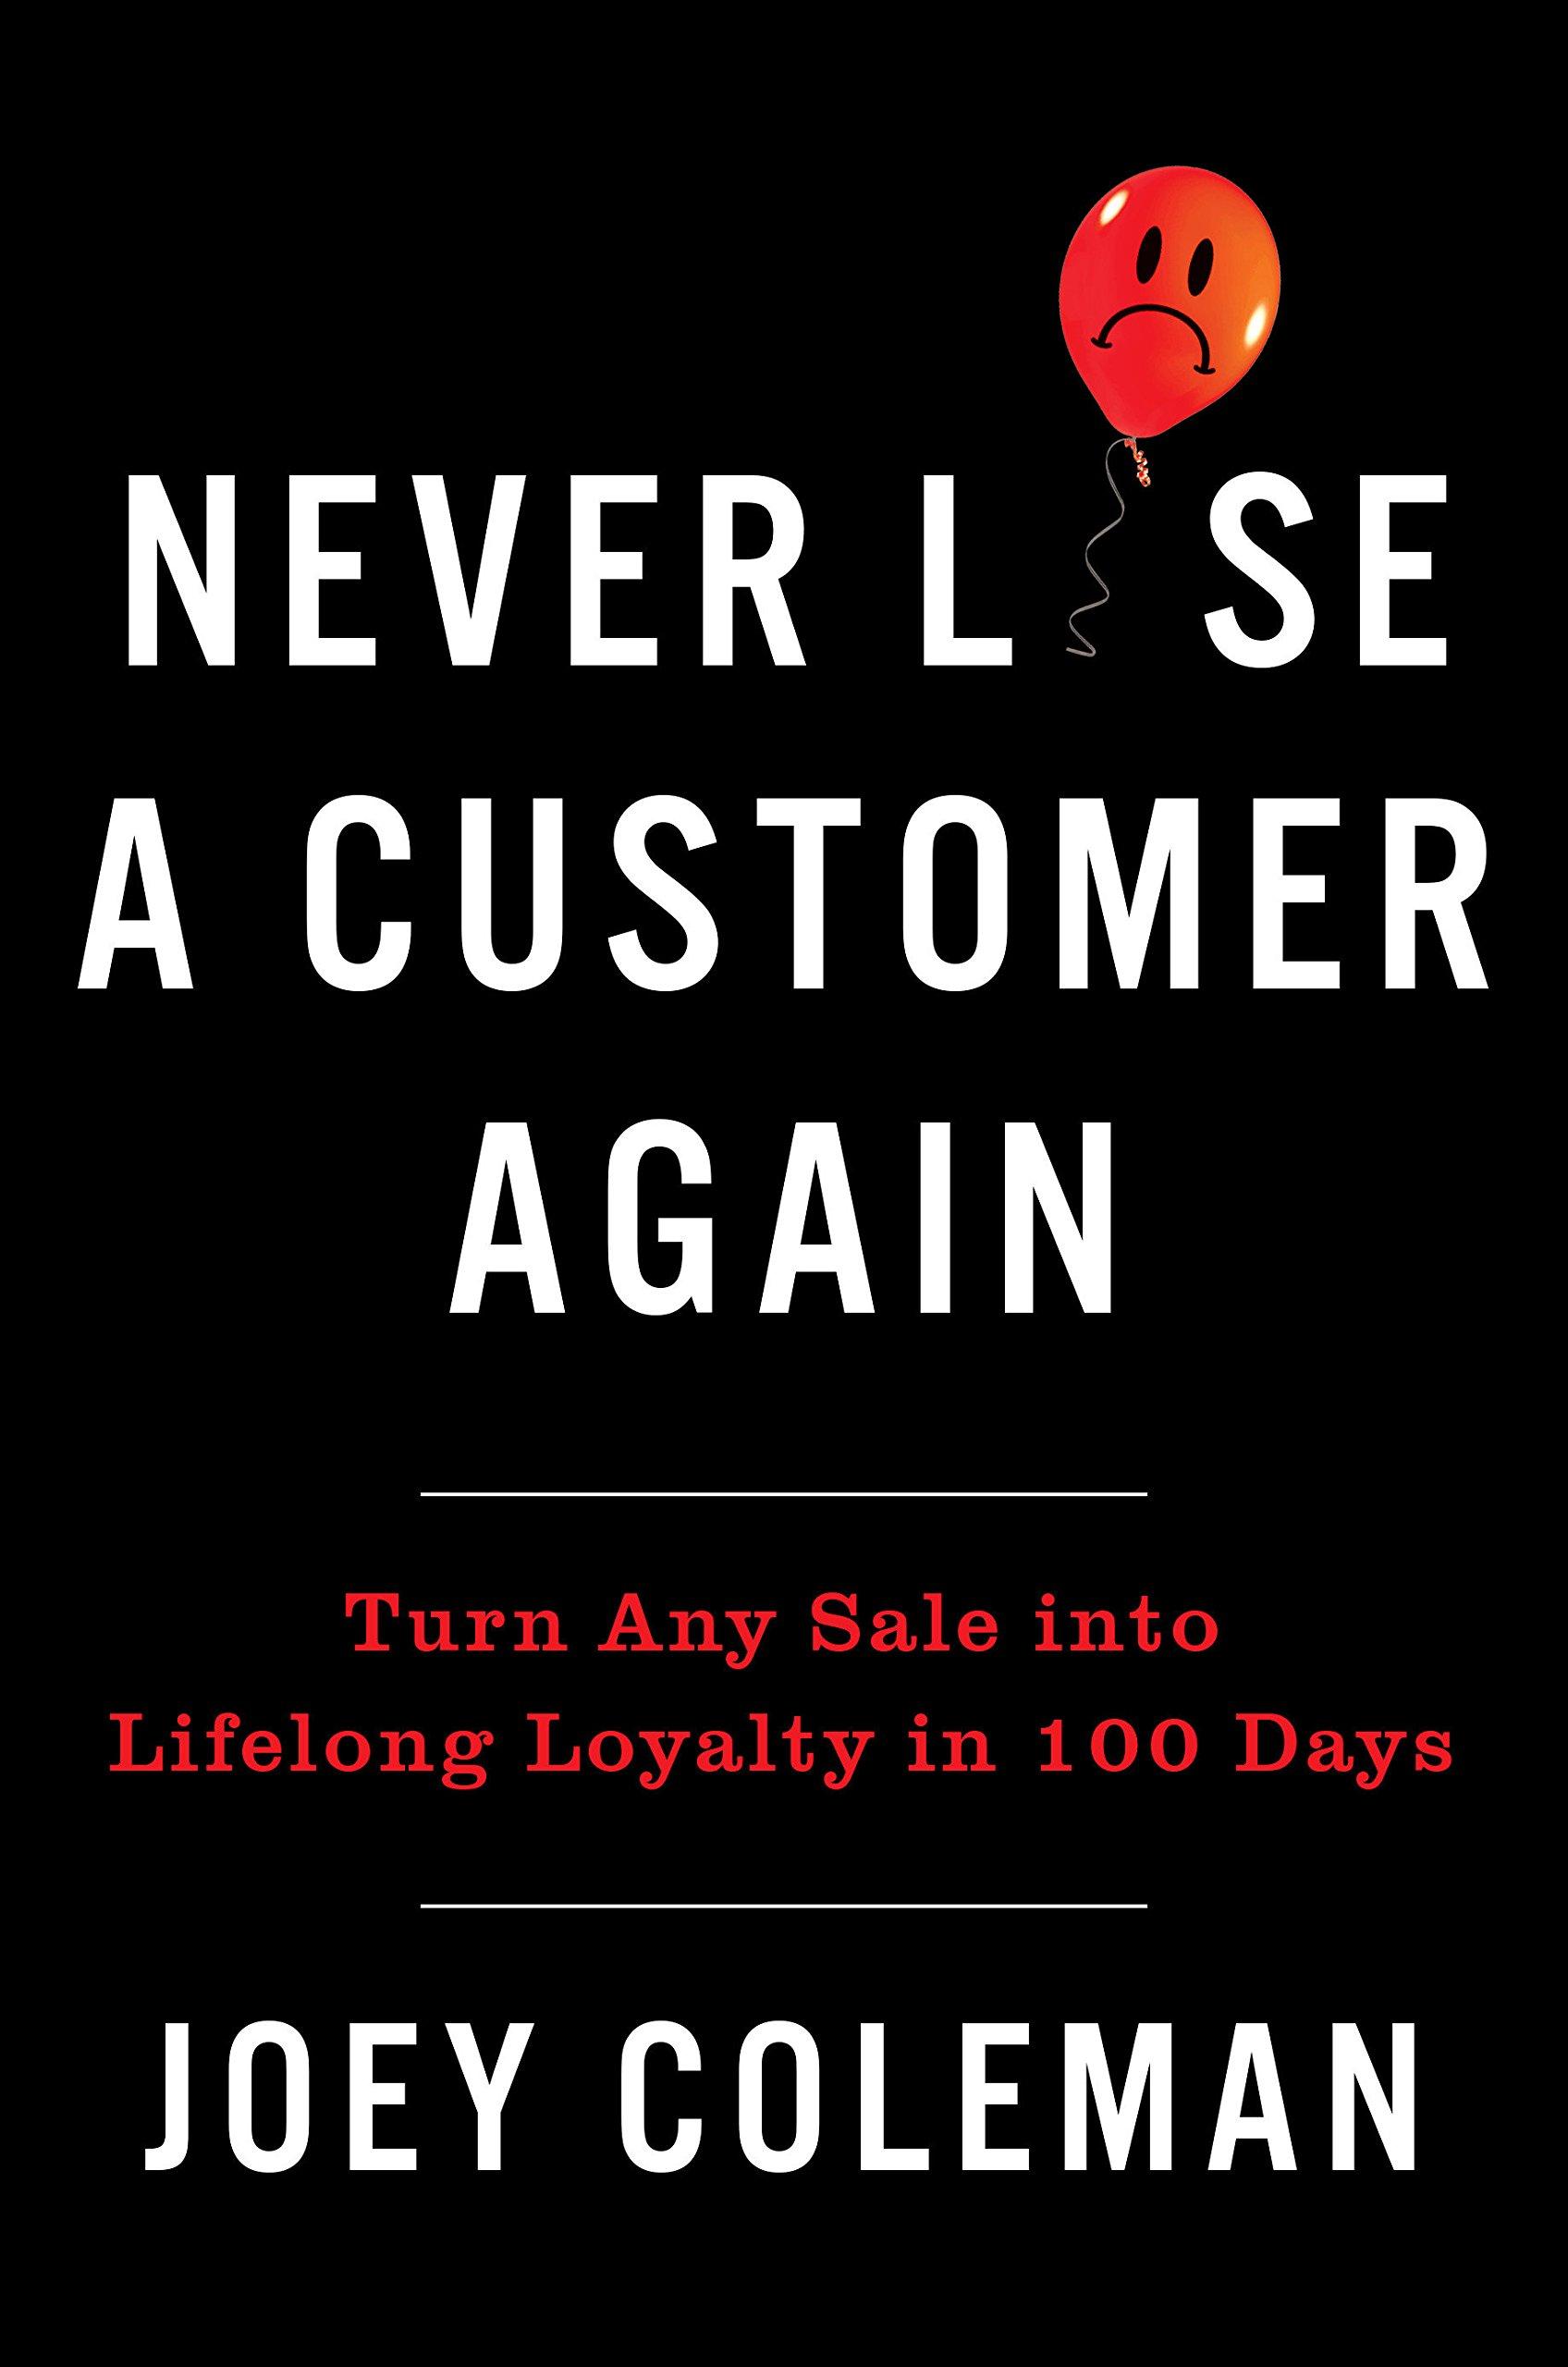 joey coleman customer book - Joey Coleman